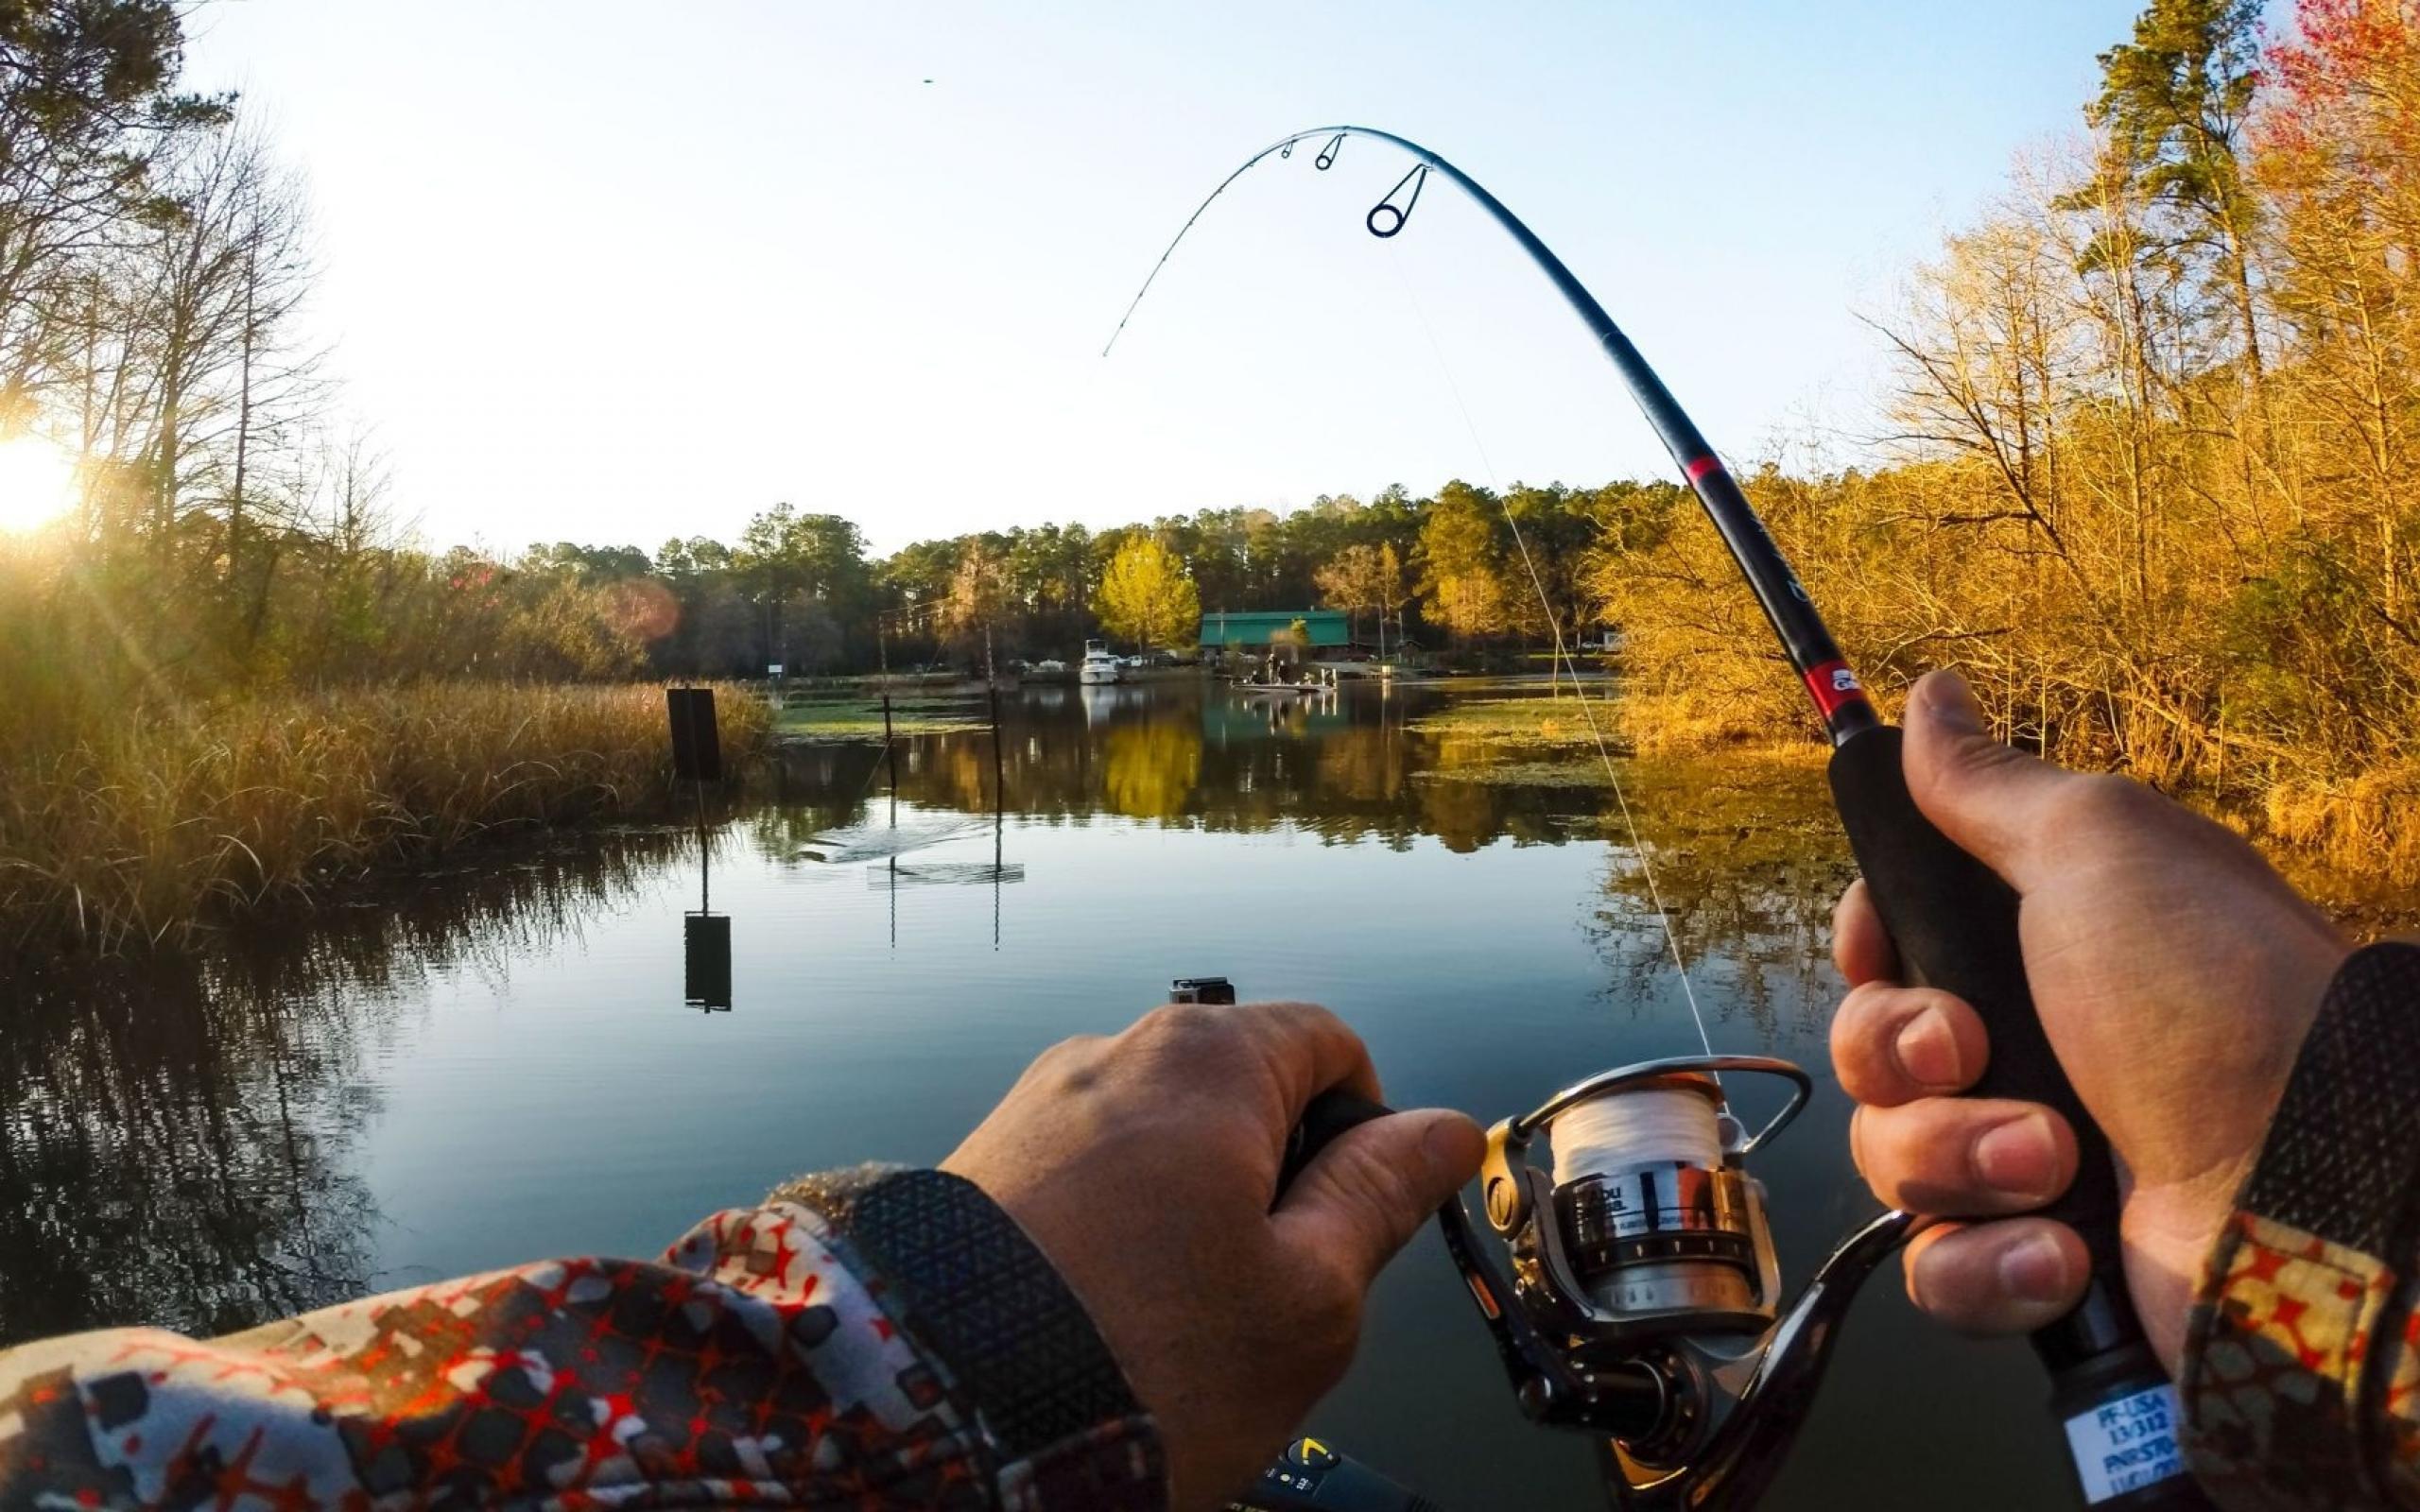 ТОП-5 мест для отдыха и рыбалки в России